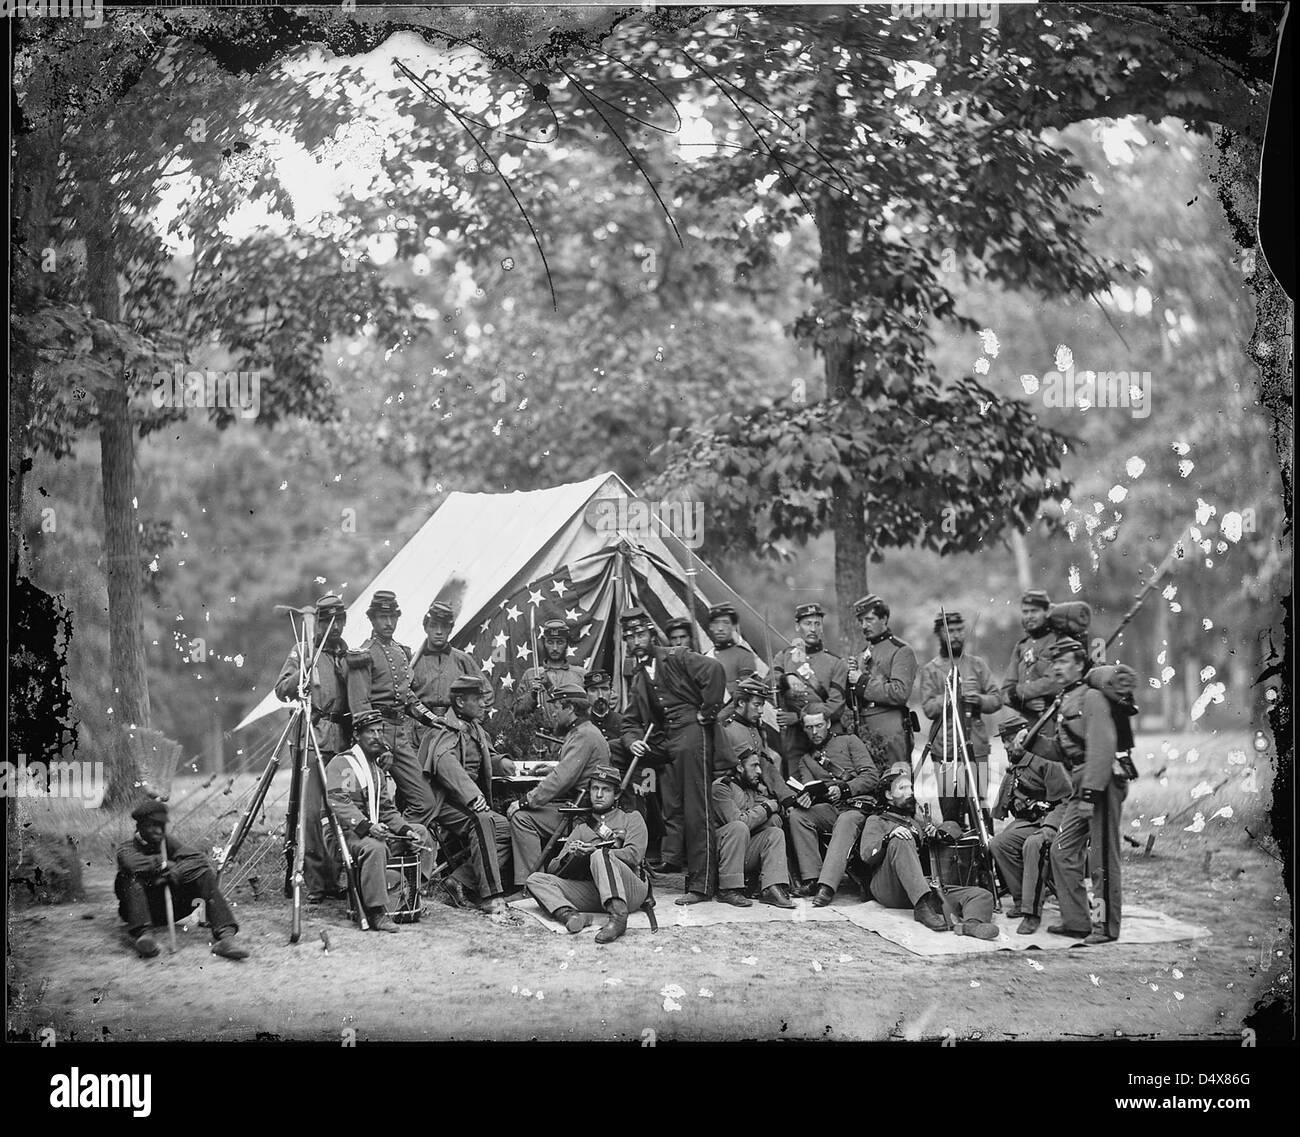 Engineer camp, 8th N.Y. State Militia - Stock Image